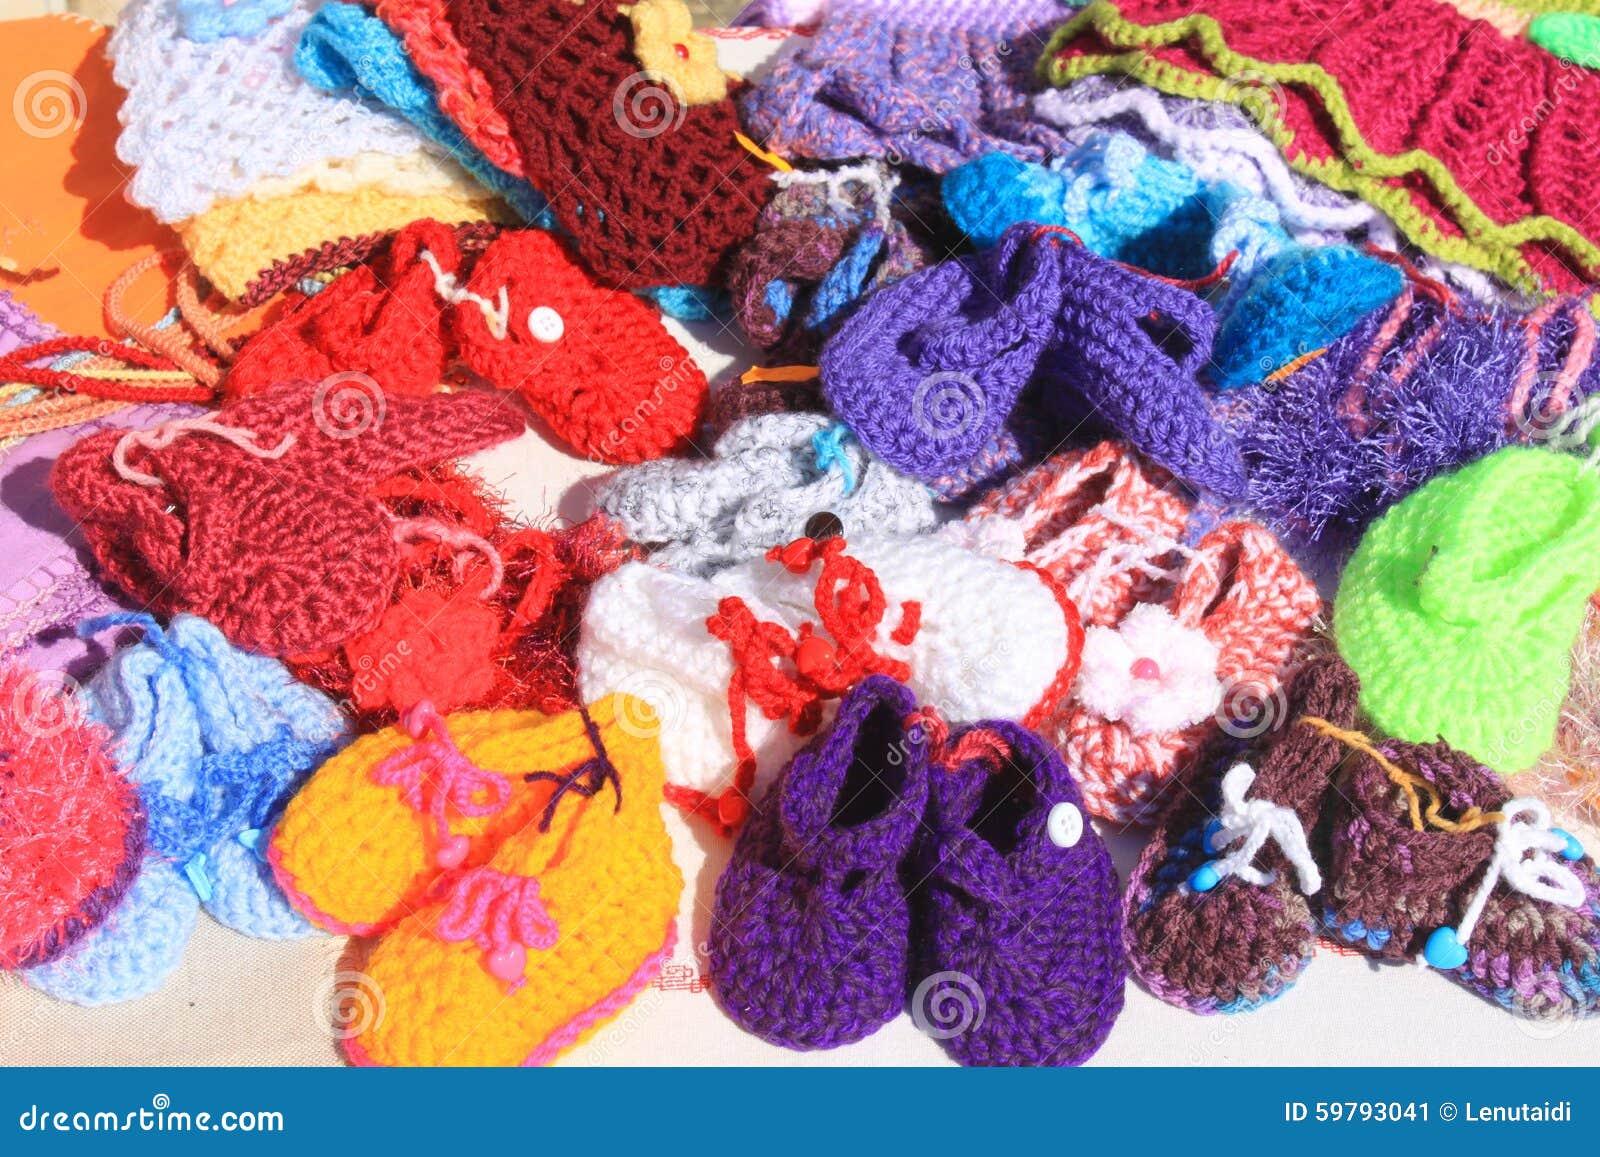 Accessori per il vestiario dei bambini immagine stock for Accessori per neonati